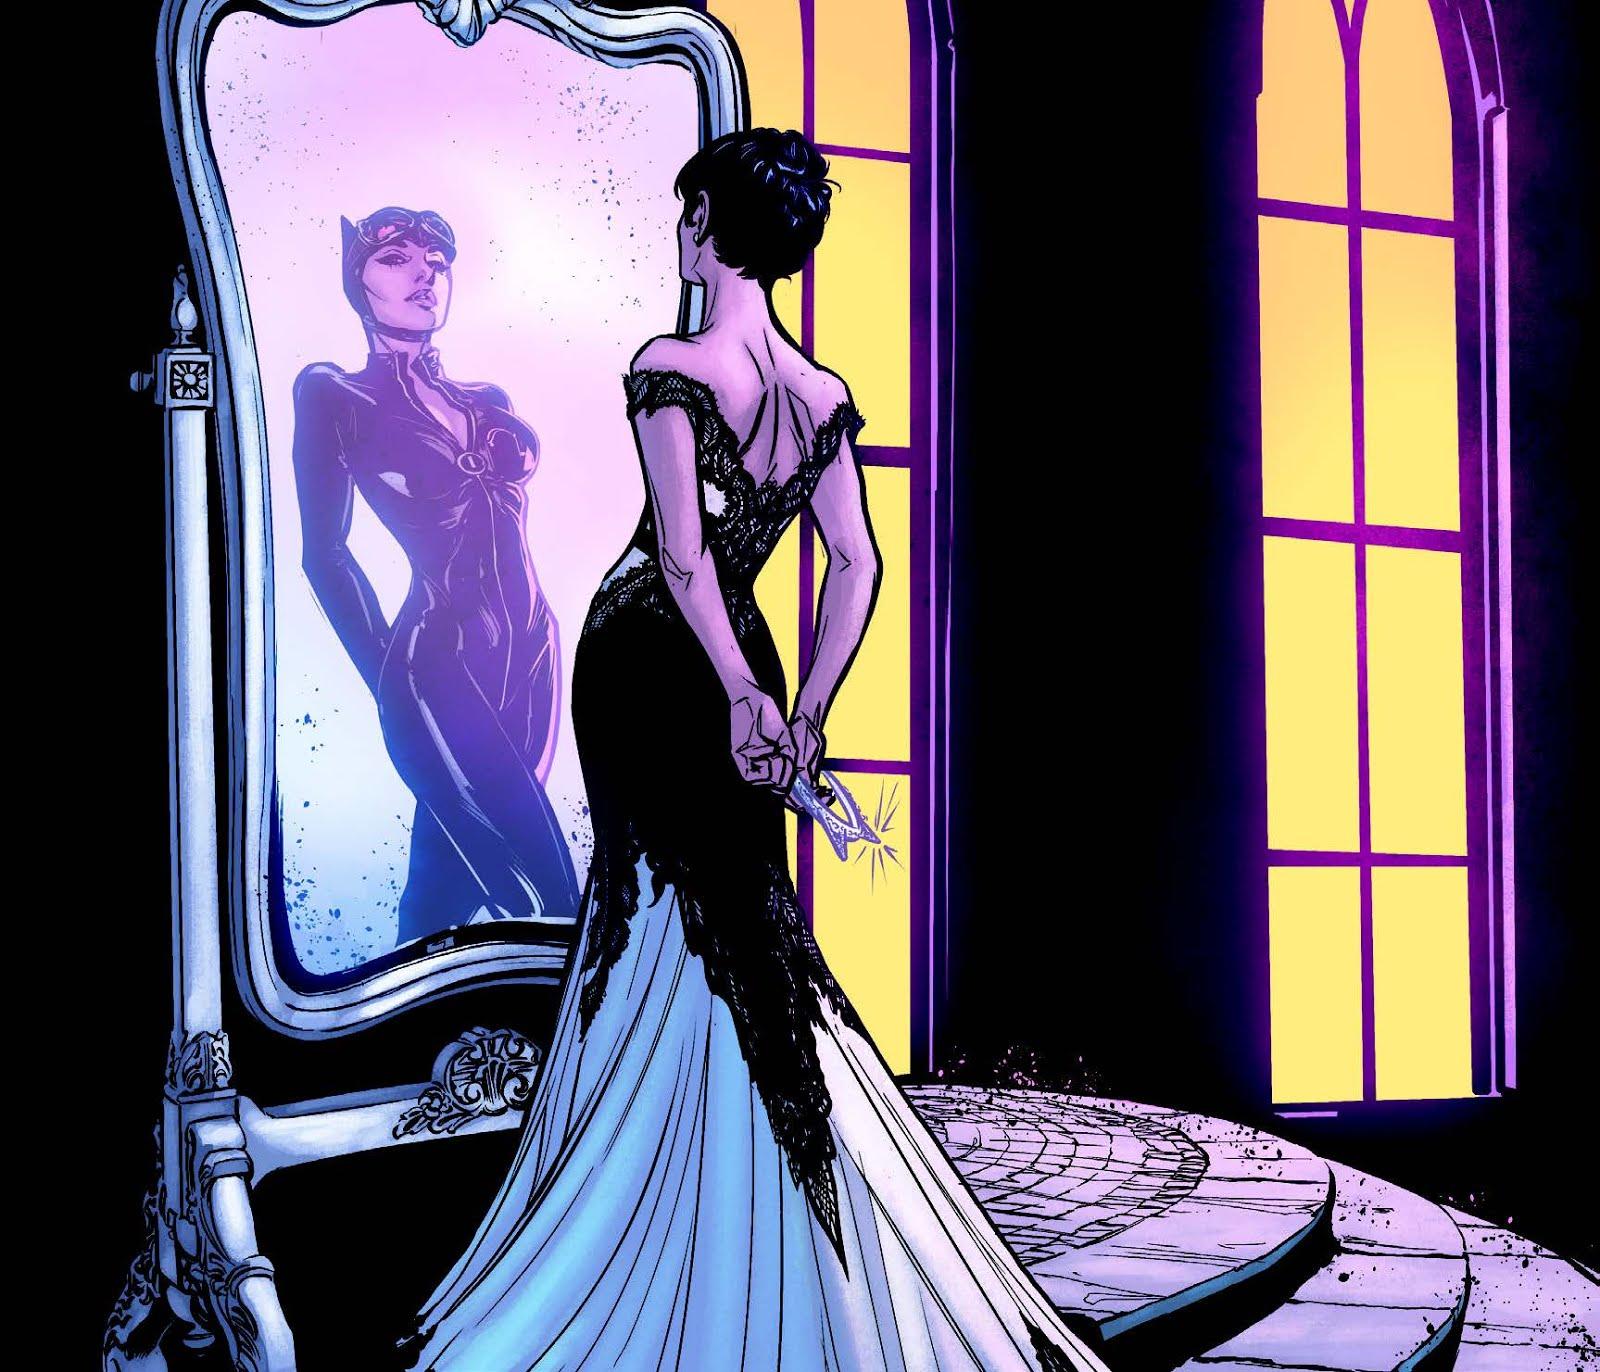 Akihabara Station 秋葉原駅: Cómic: La boda de Batman y Catwoman - DC ...